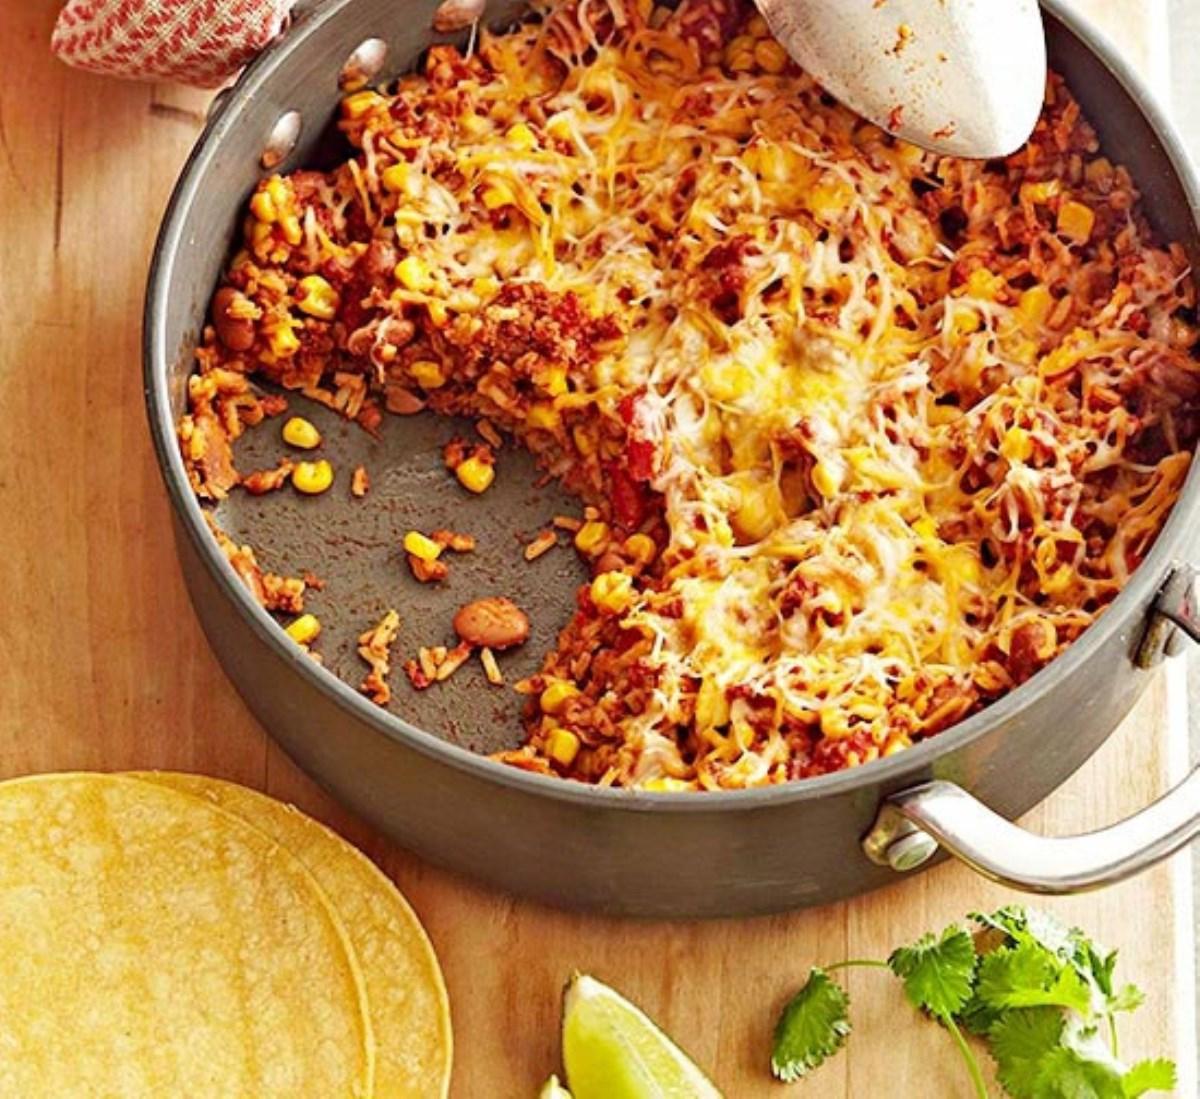 طرز تهیه غذای ملل تابه مکزیکی